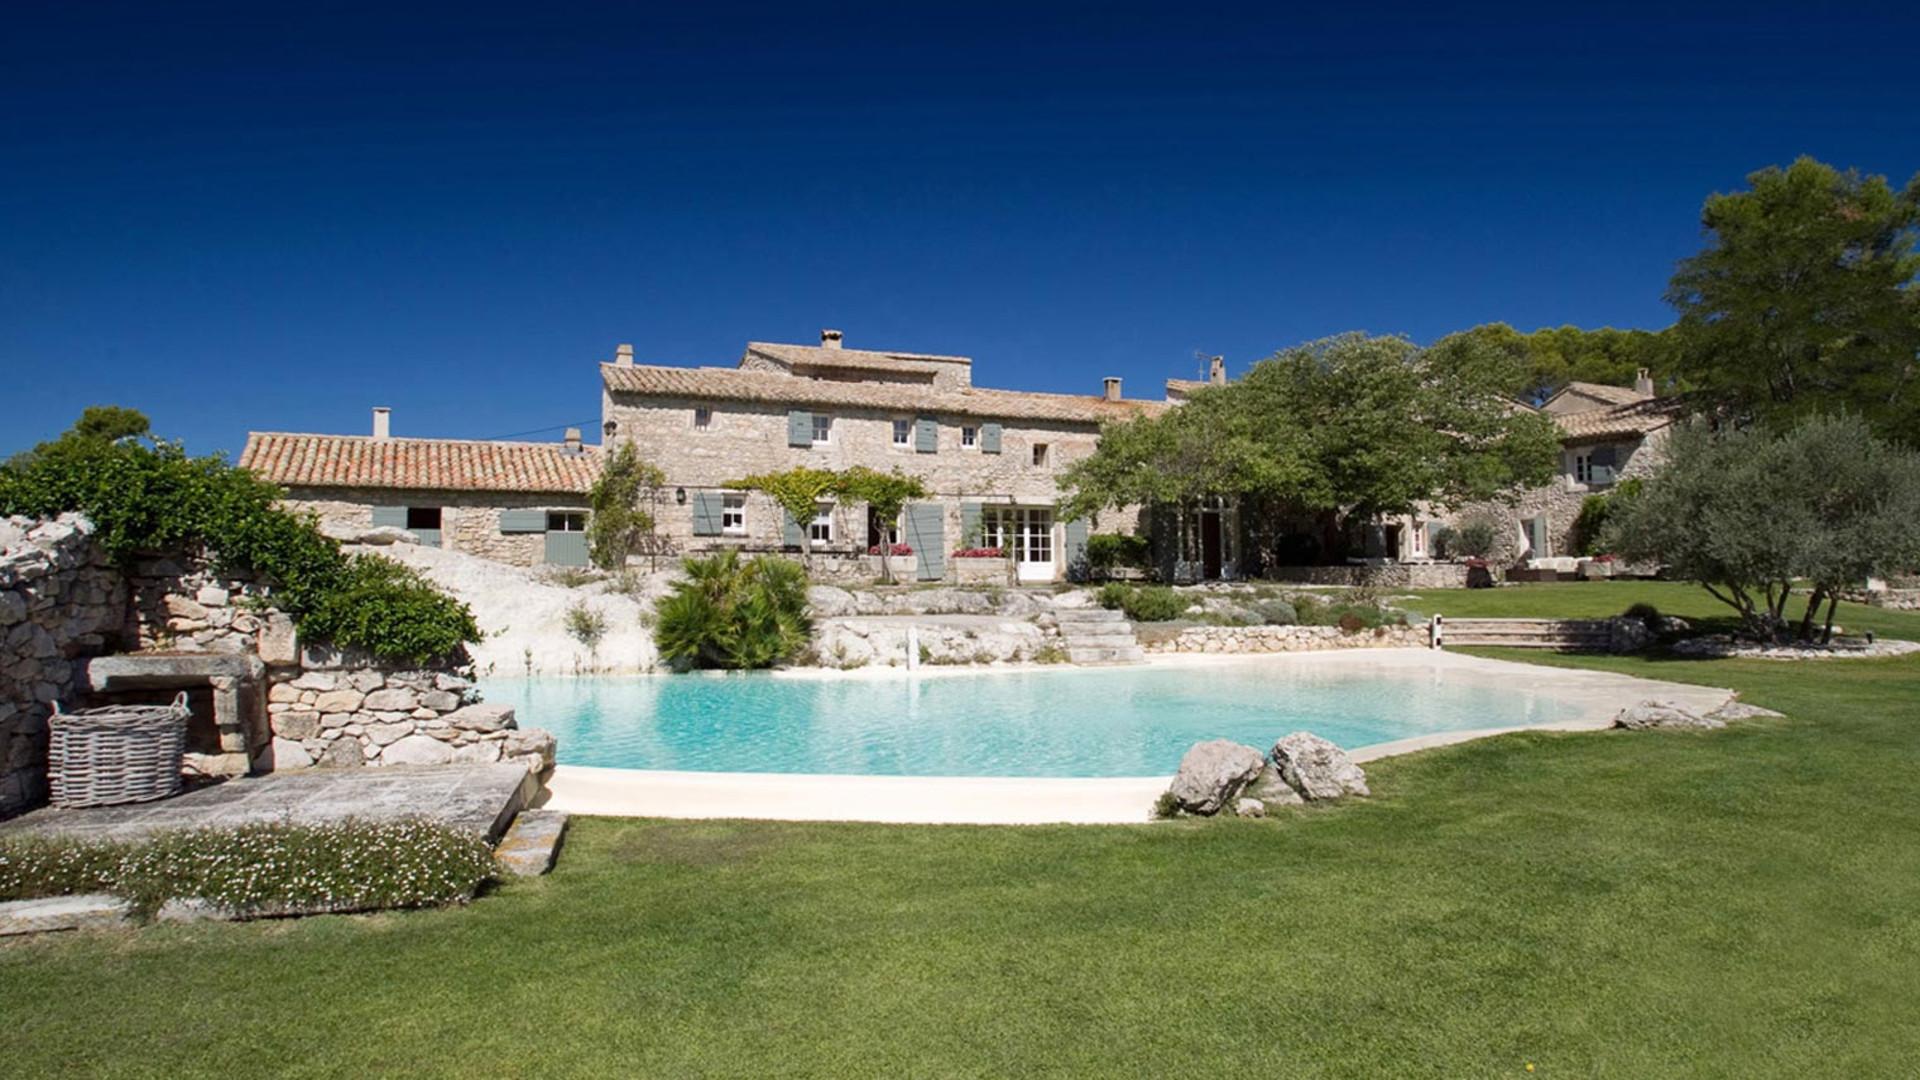 mas de la rose orgon luxury relaxed countryside atmosphere boutique hotel arles mas de la